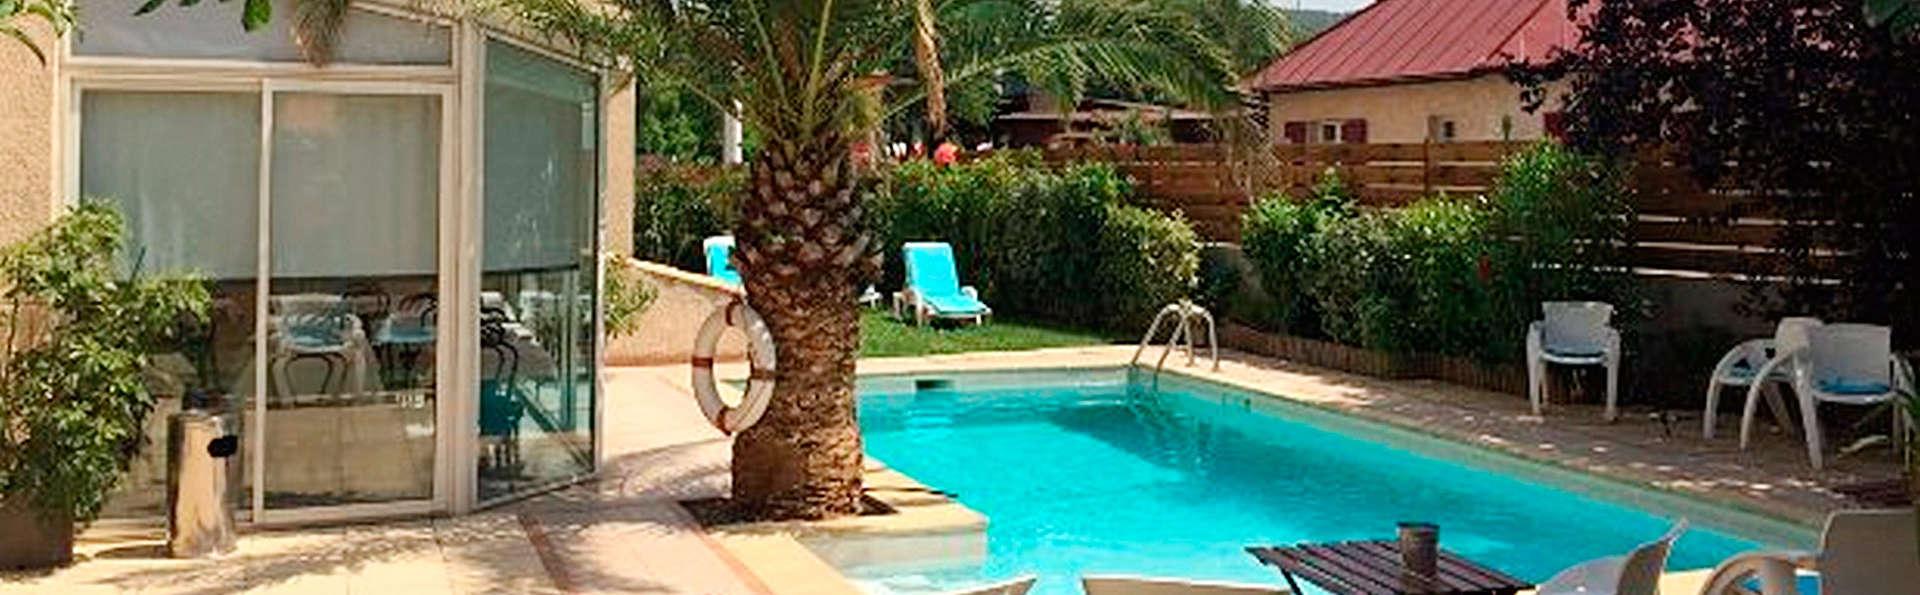 Adonis arc h tel aix h tel de charme aix en provence - Hotel de charme aix en provence ...